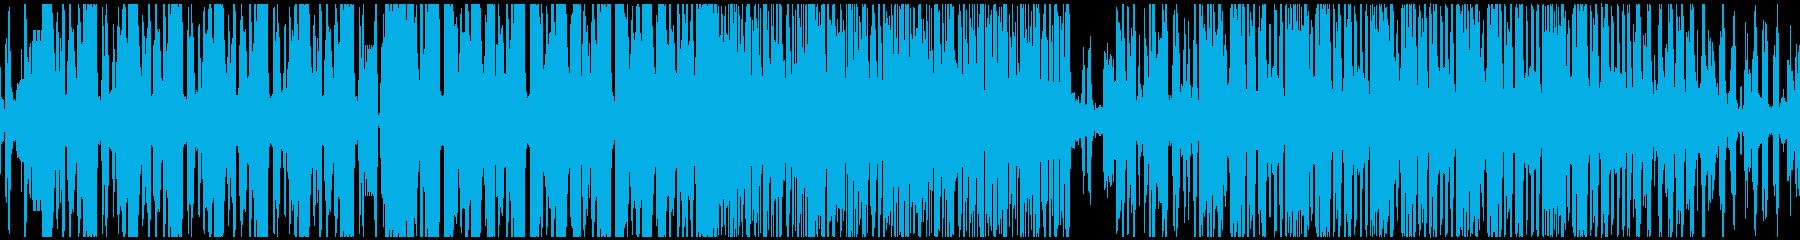 VP、アート、プロジェクションマッピングの再生済みの波形